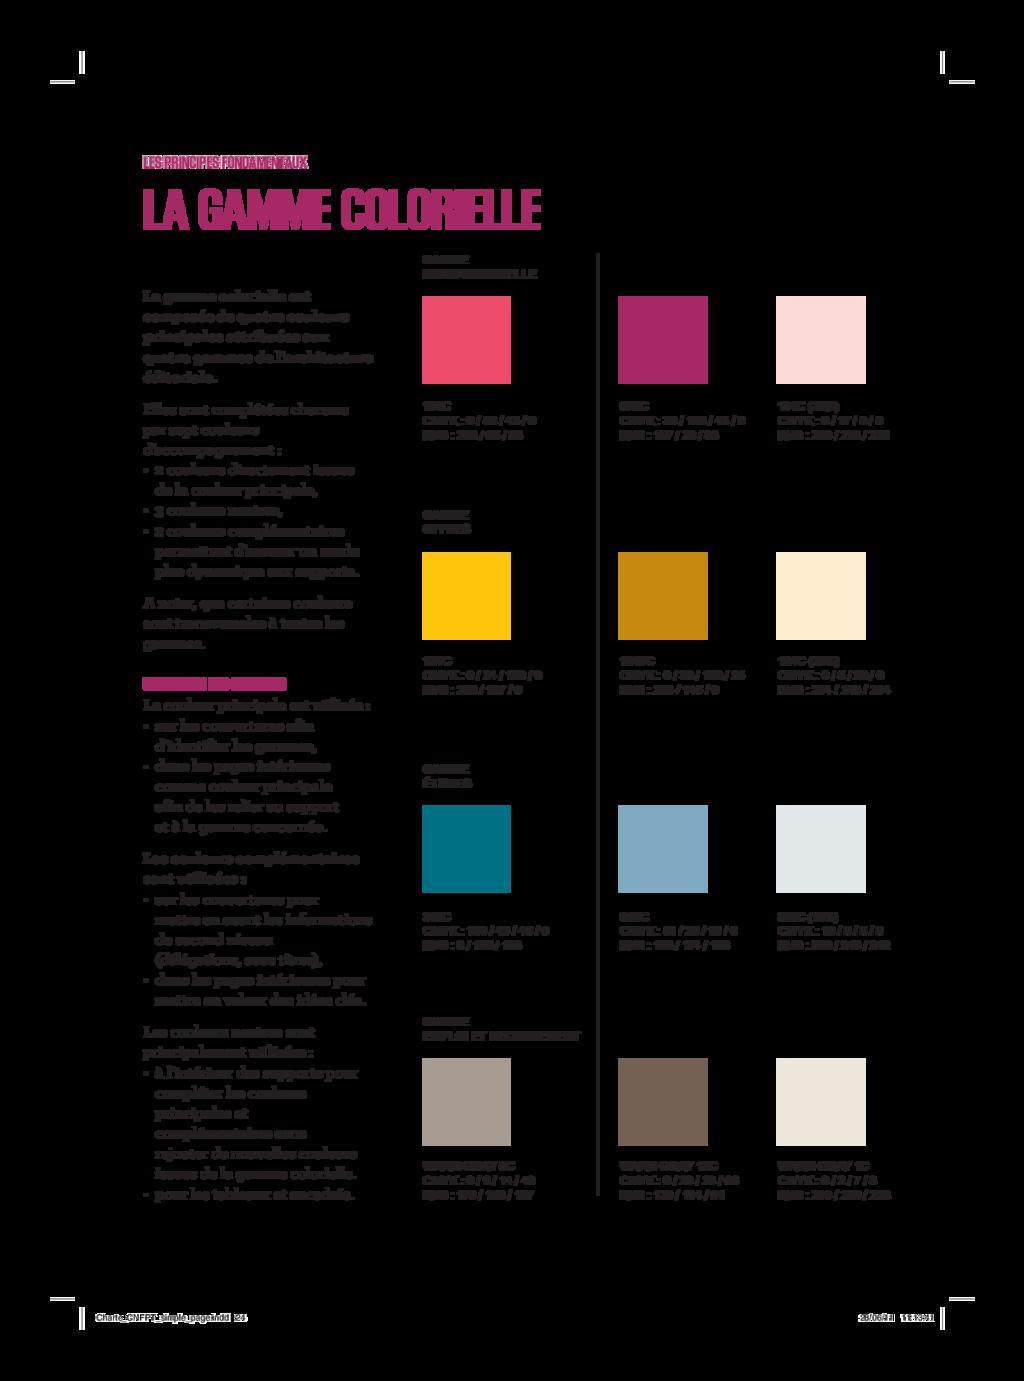 La gamme colorielle est composée de quatre coul...